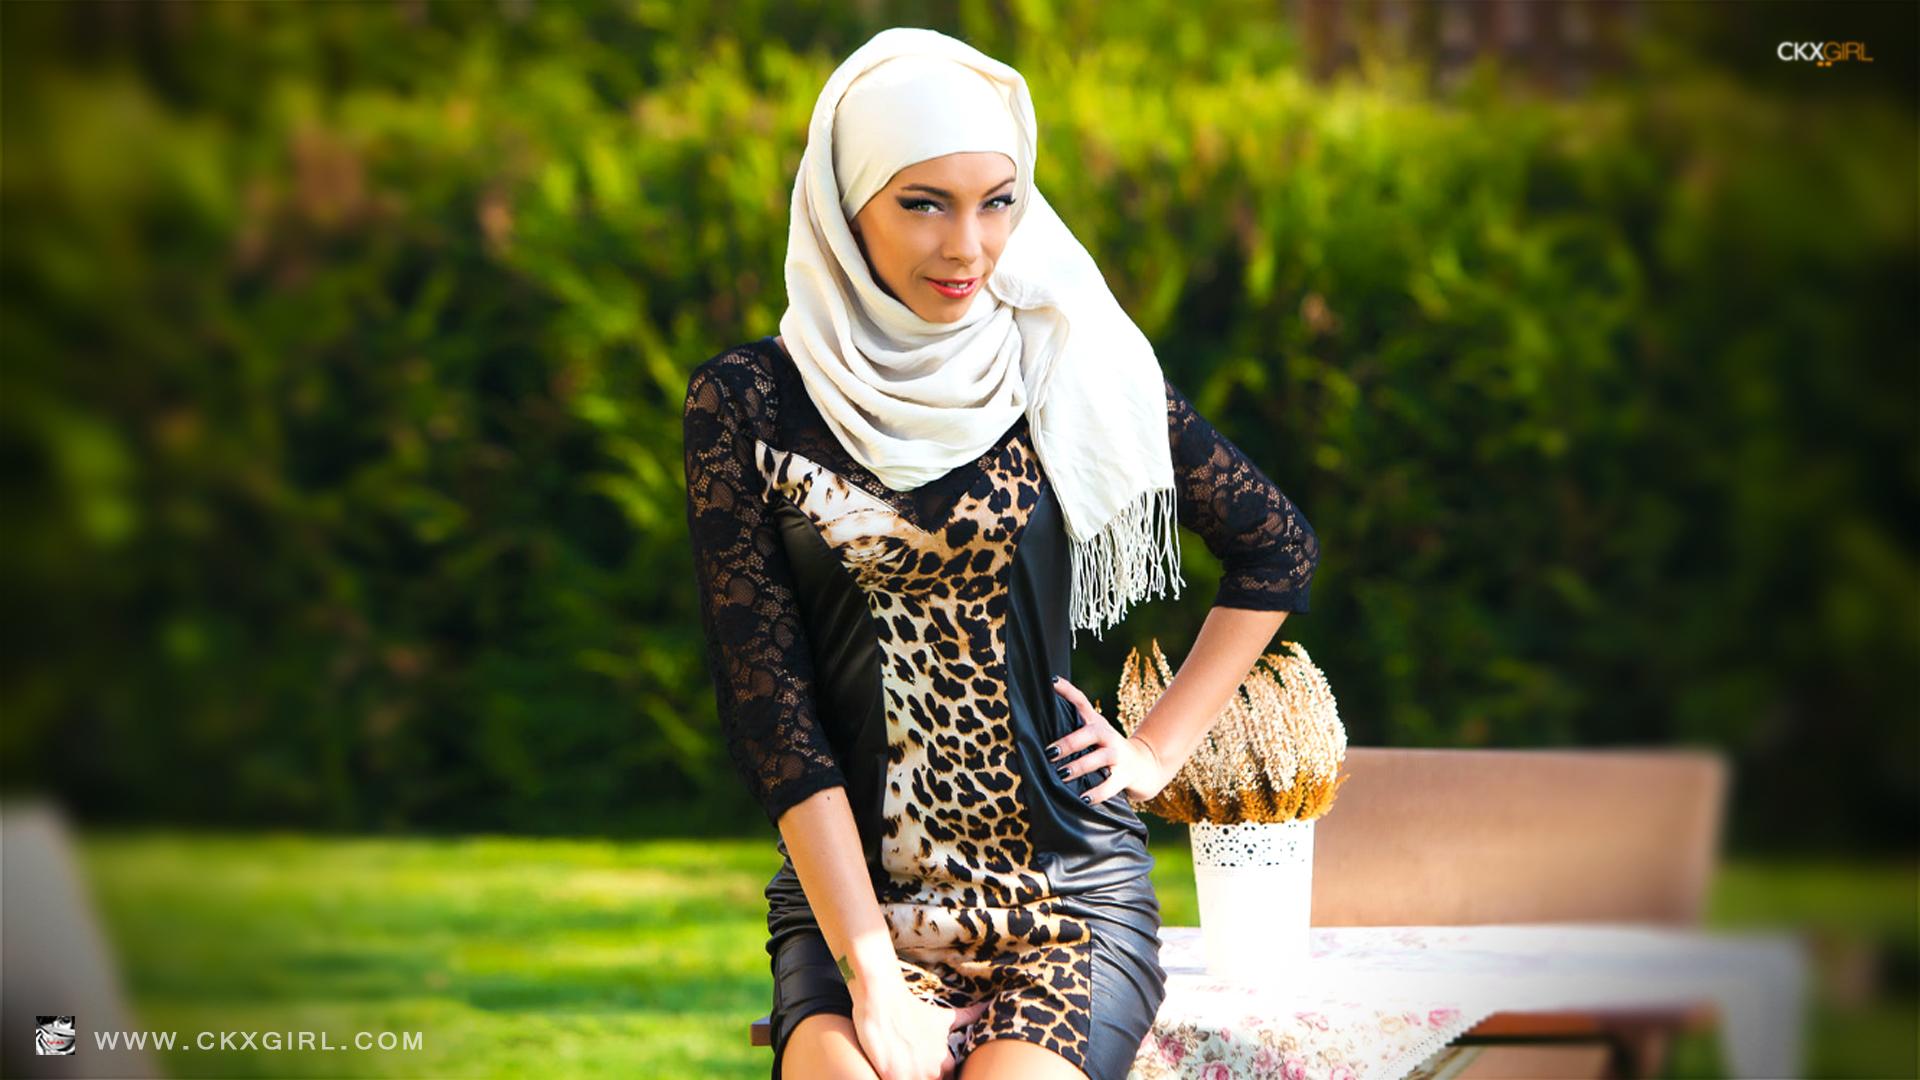 Jasminmuslim  Cokegirlx  Muslim Hijab Girls  Live Sex Shows  Xxx  Cokegirlxcom-6248